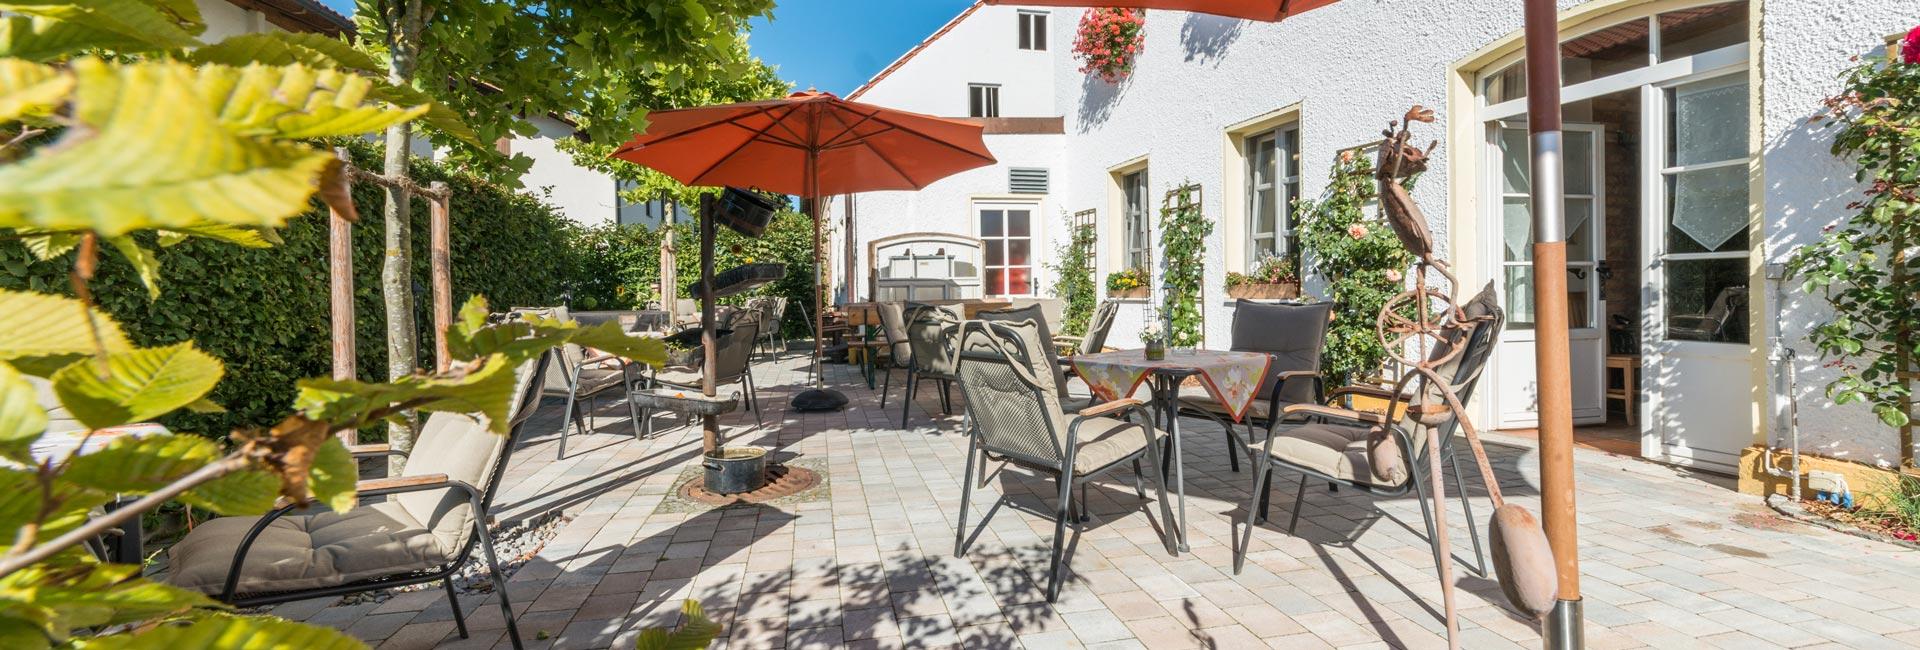 Gasthof und Hotel Pritscher in Bayerbach